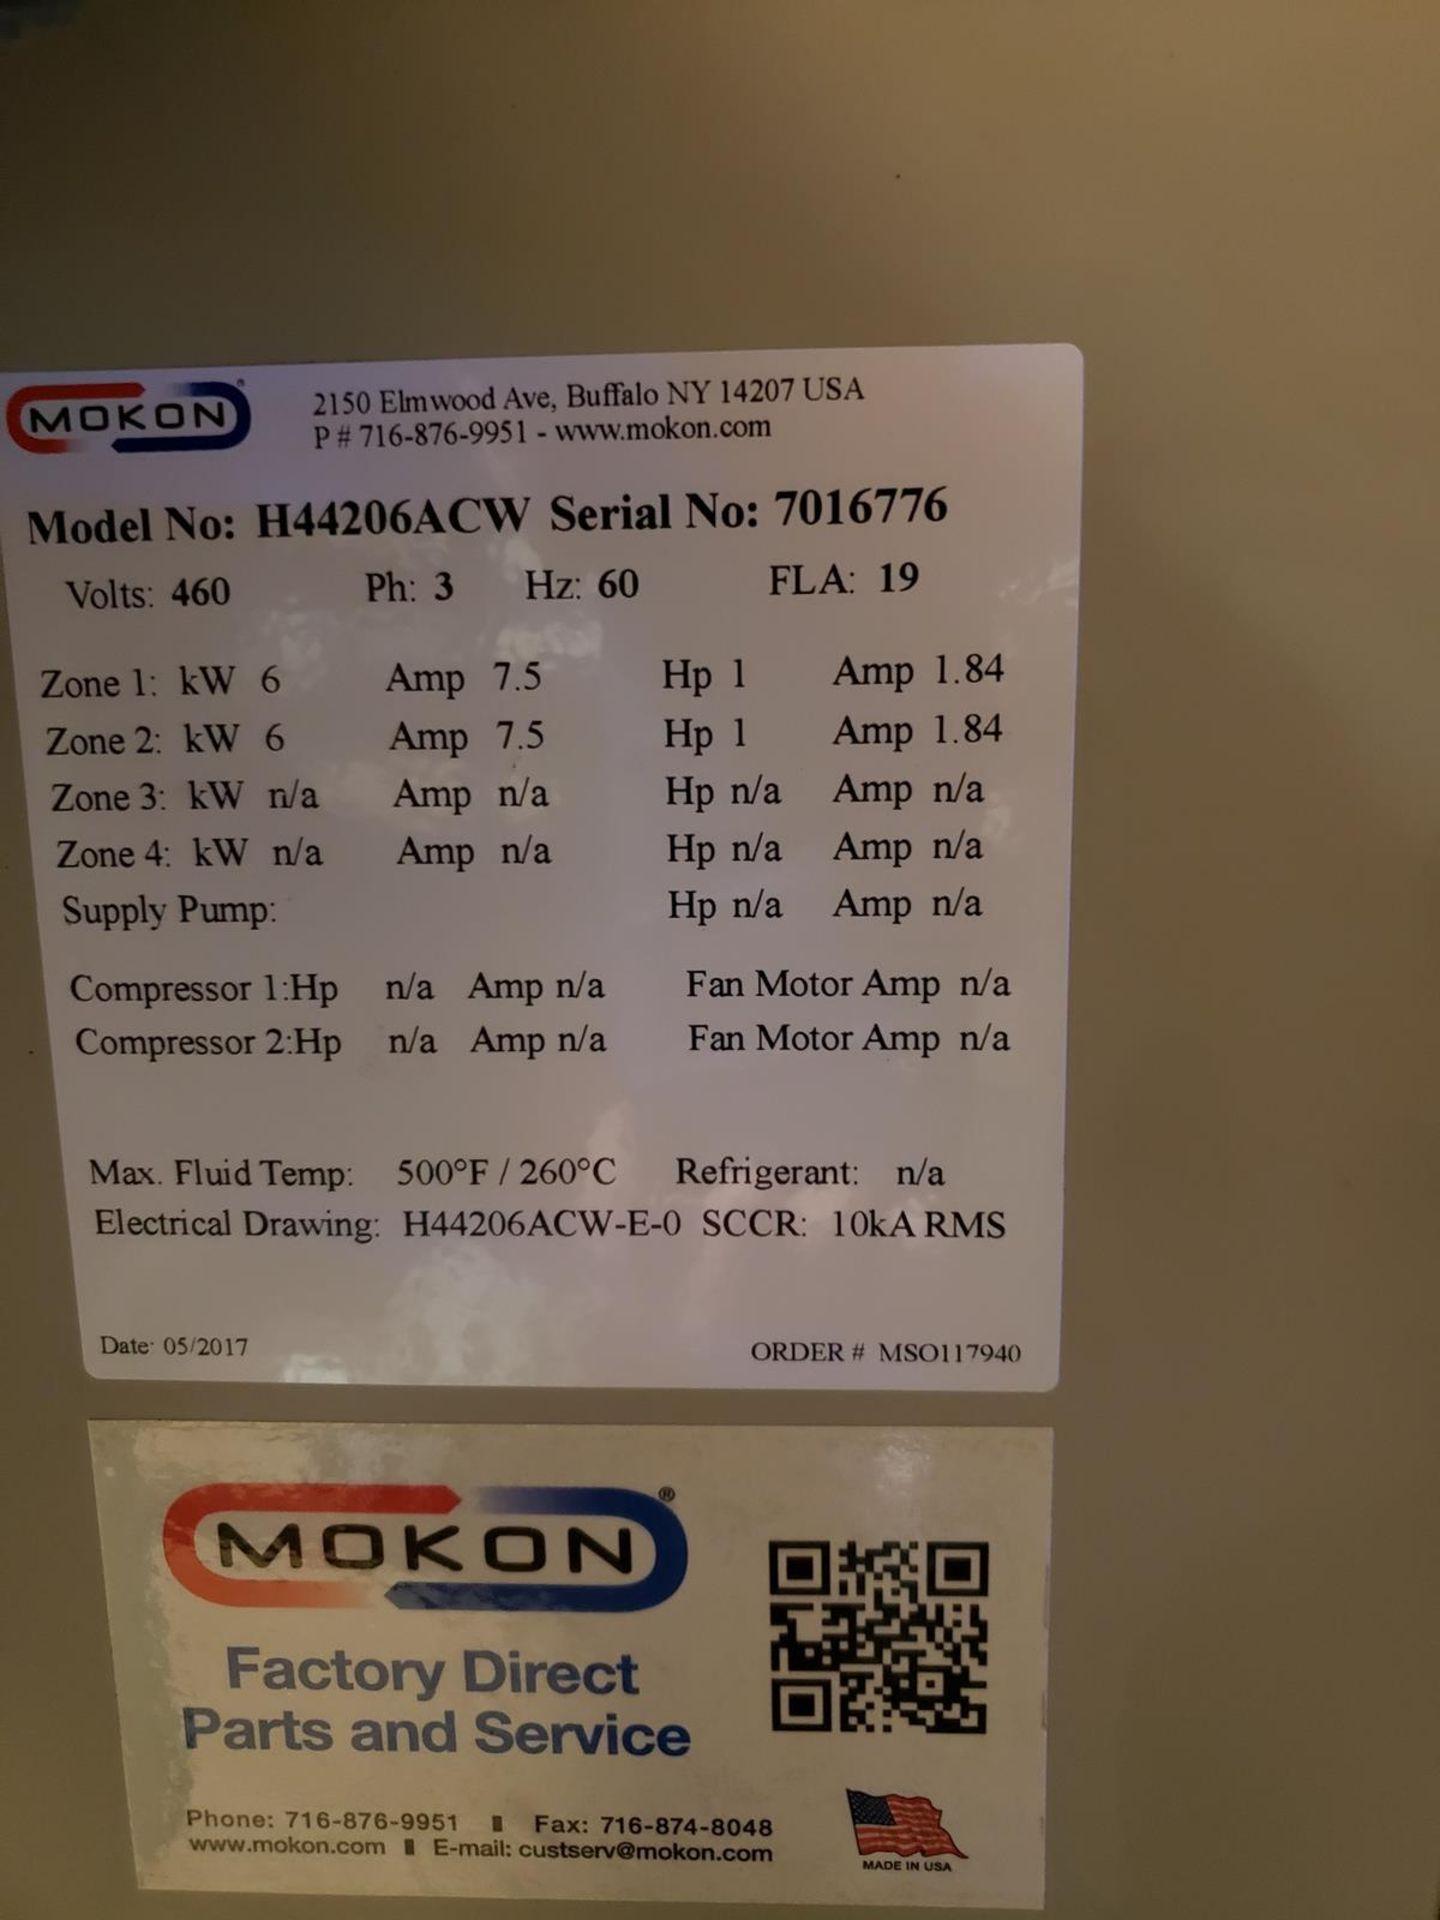 Lot 3A - Mokon 4 Zone Chiller, M# H44206ACW, S/N 7016776